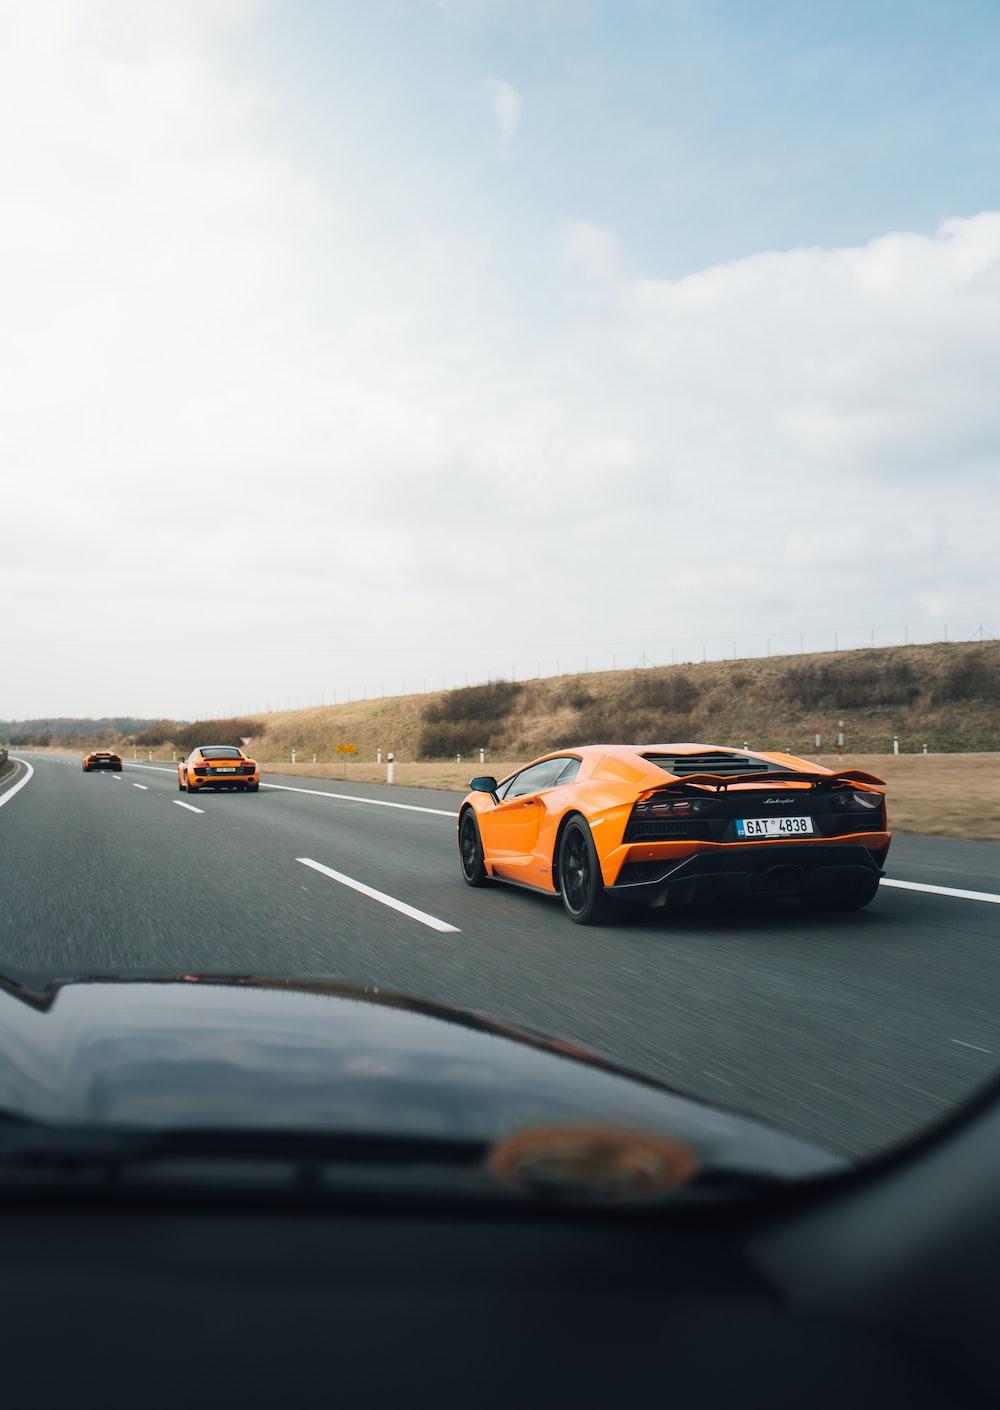 orange Lamborghini on road